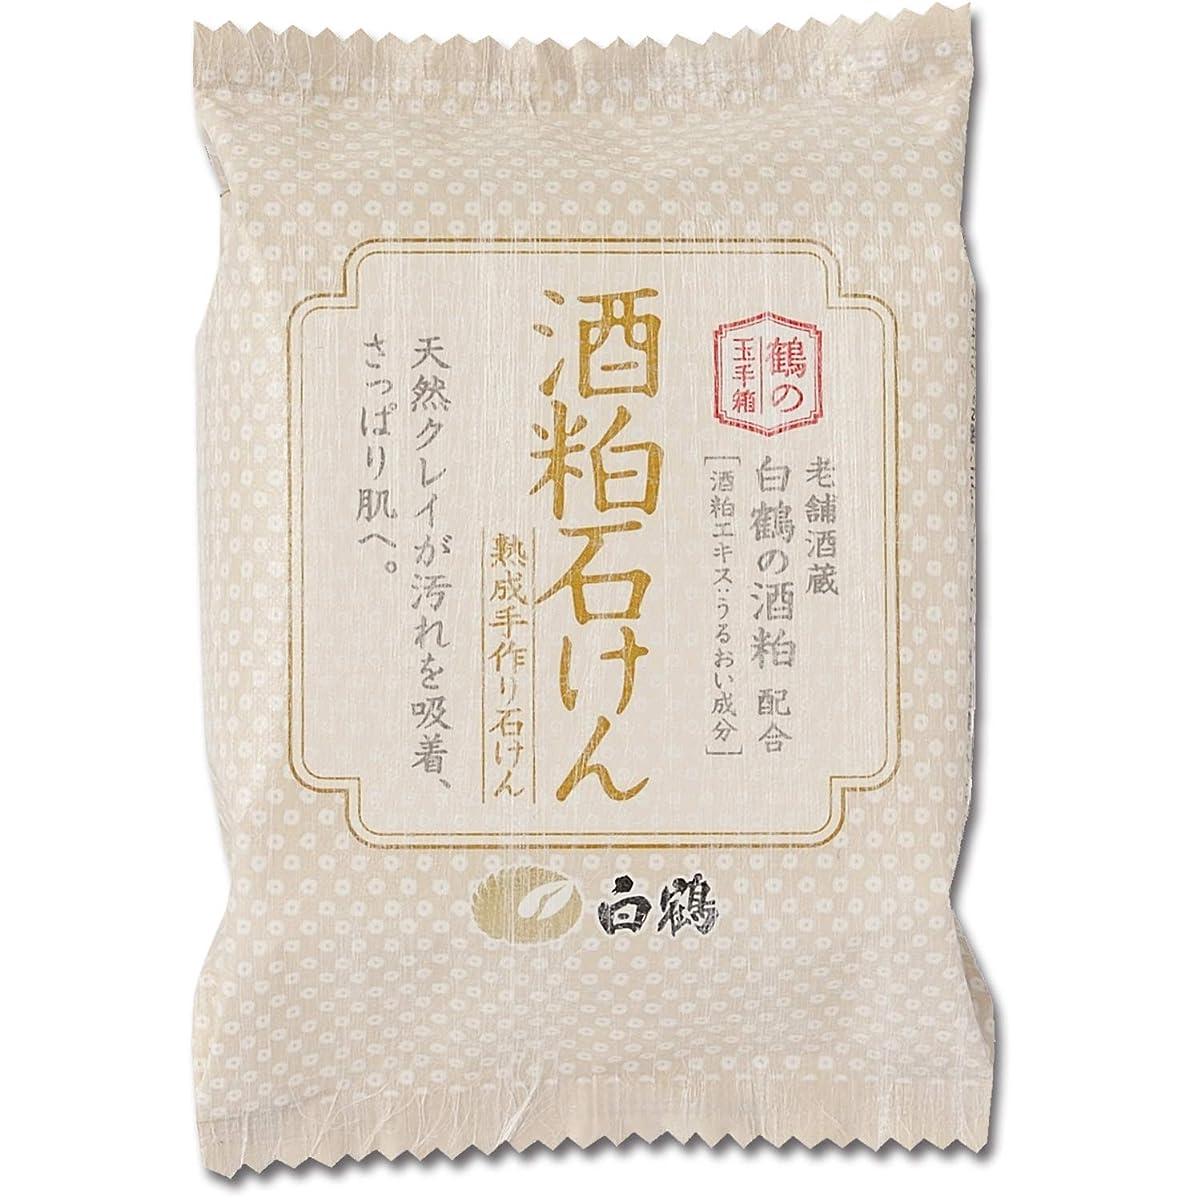 達成可能エイリアスアテンダント白鶴 鶴の玉手箱 酒粕石けん 100g (全身用石鹸)